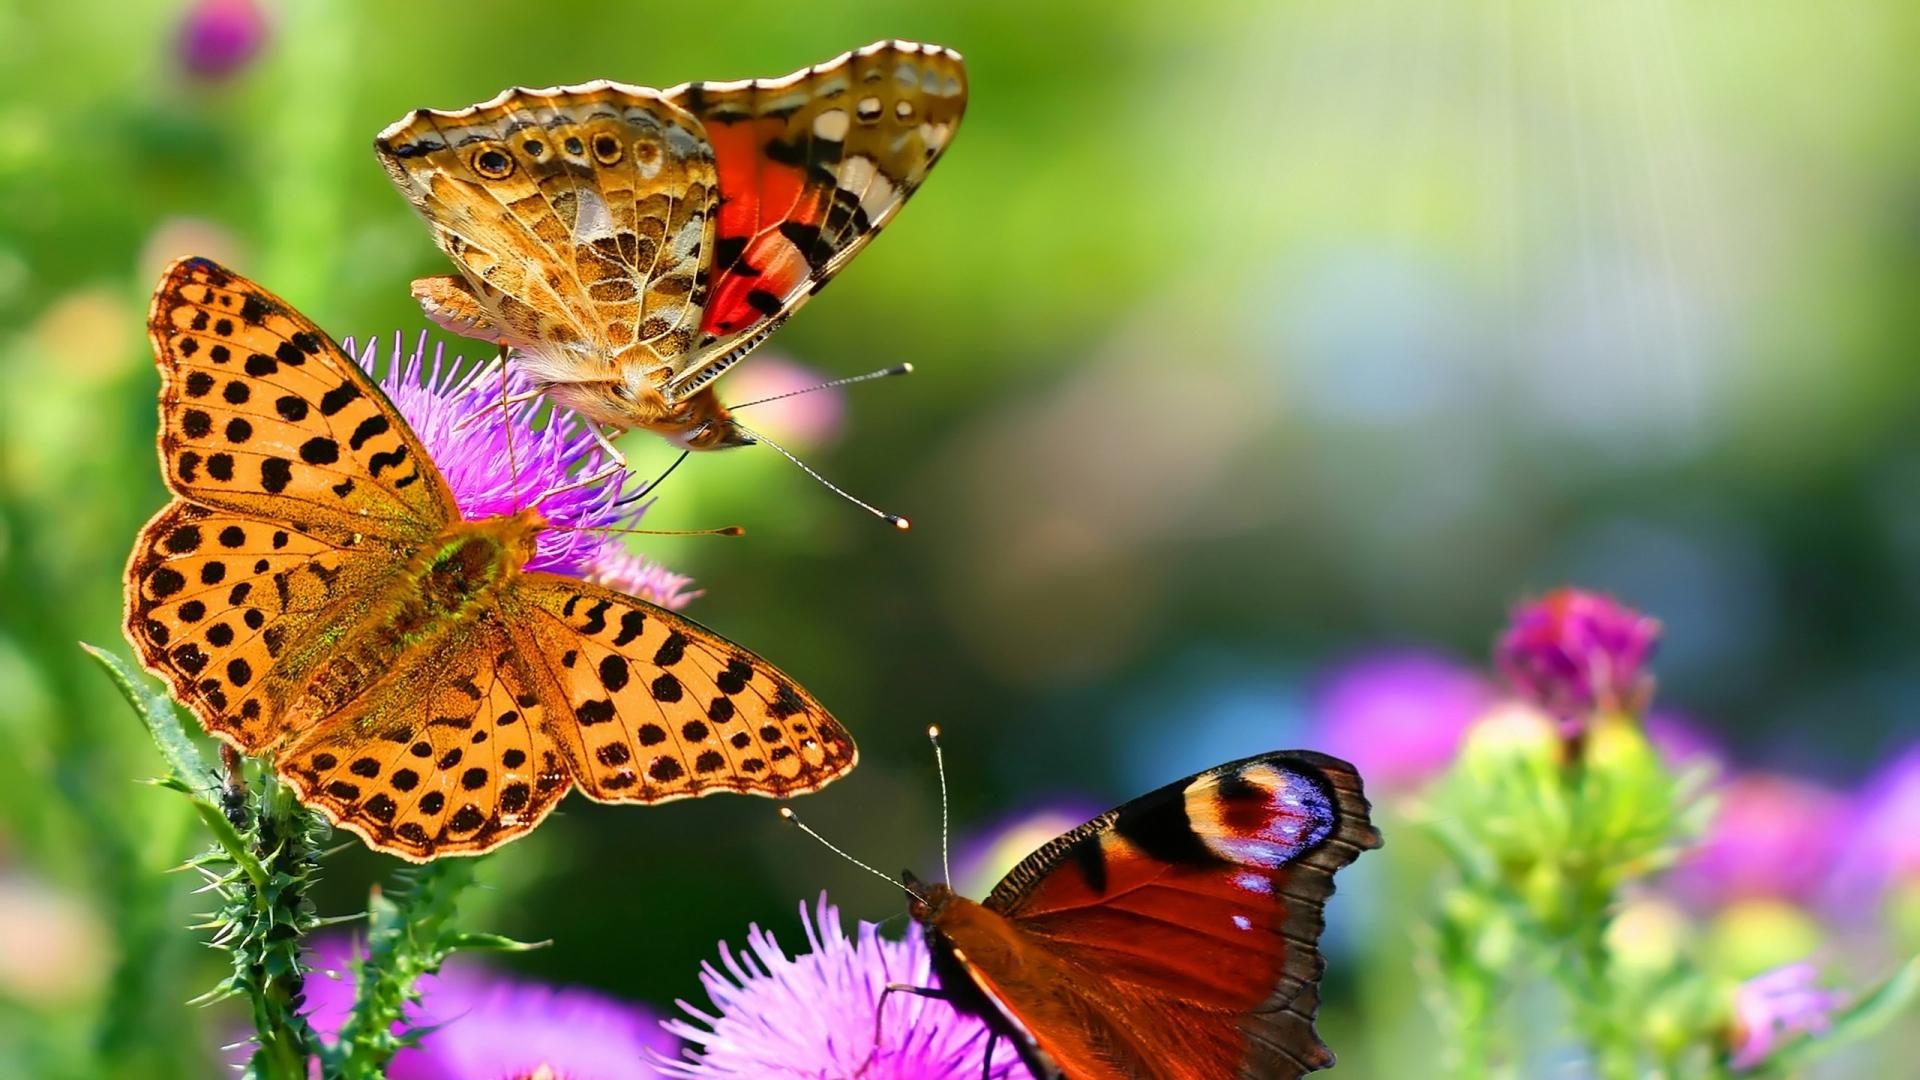 Для всех любителей прекрасного и красивого подборка очень красивых фото